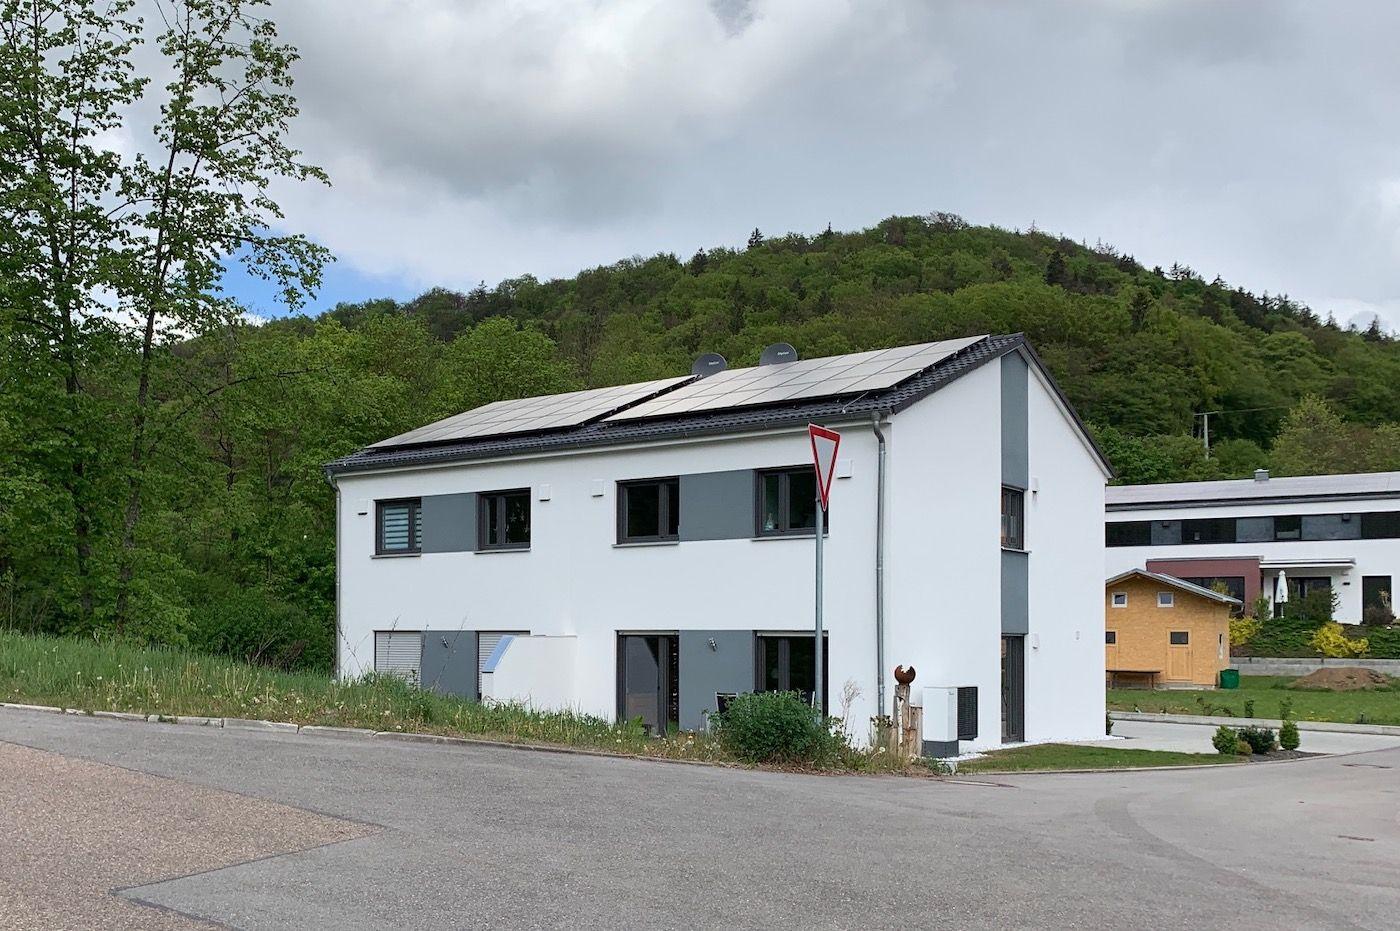 Neues Haus mit Ausblick auf den Wald